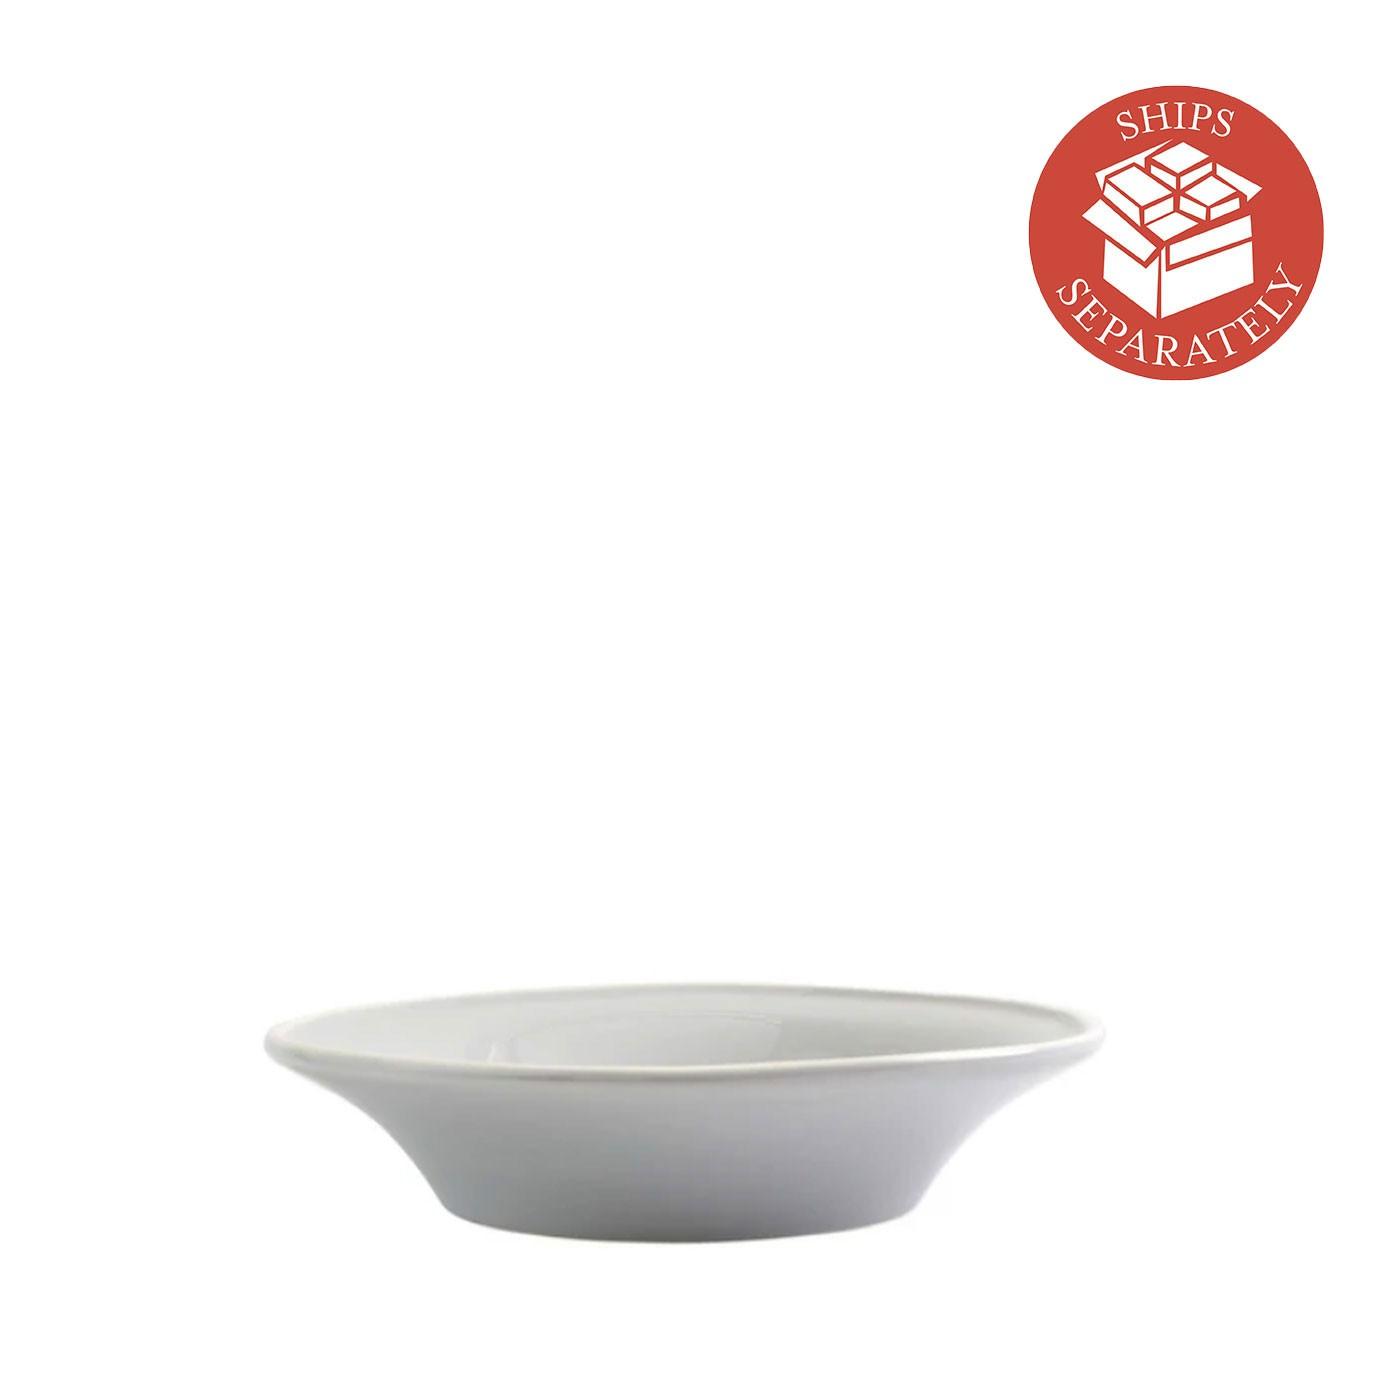 Chroma Light Gray Pasta Bowl - Vietri   Eataly.com